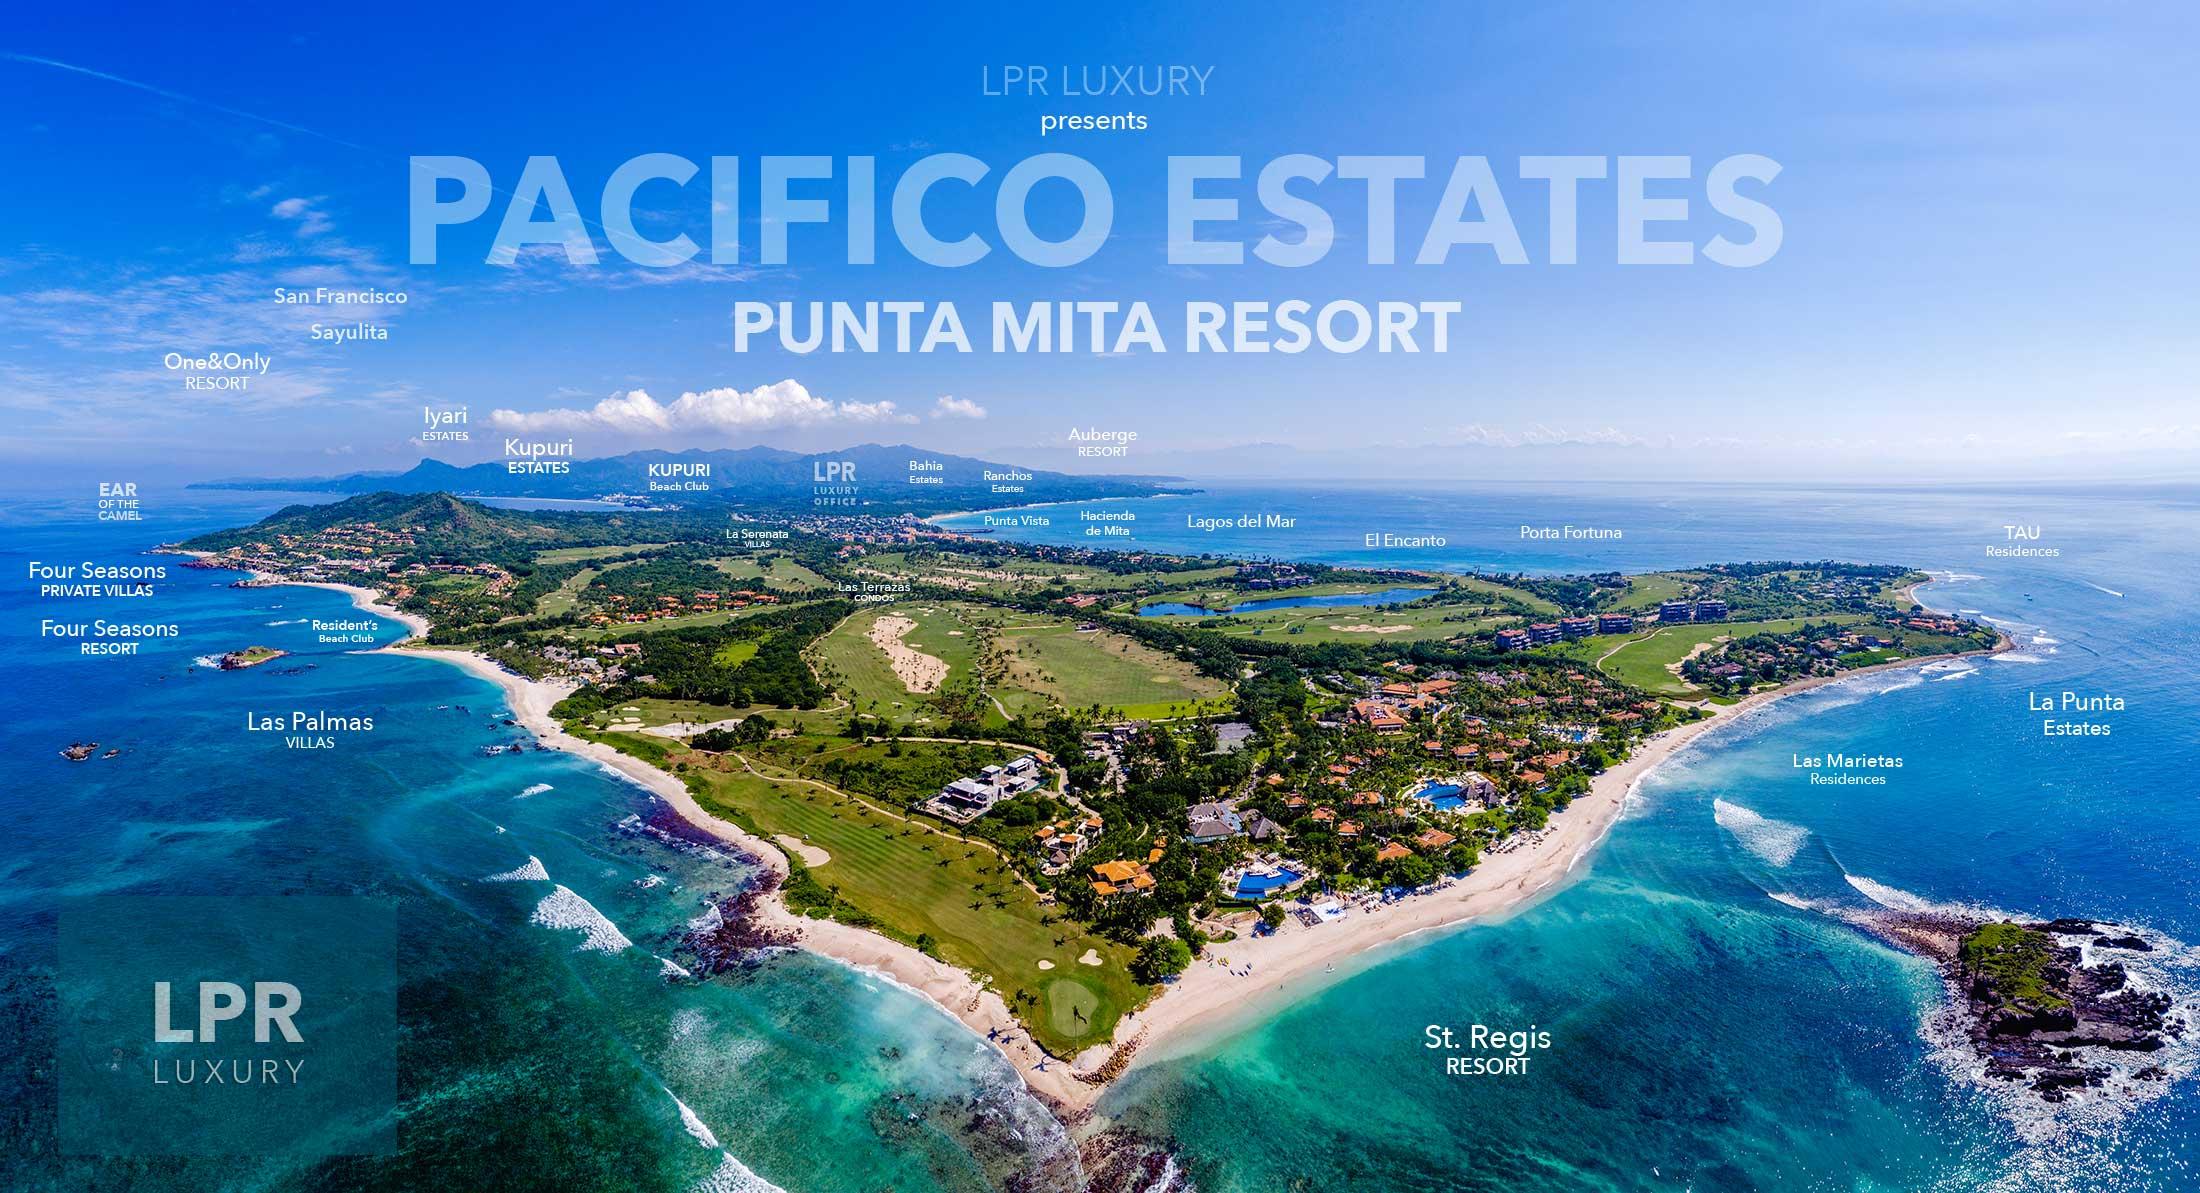 Pacifico Estates – Punta Mita Resort, Riviera Nayarit